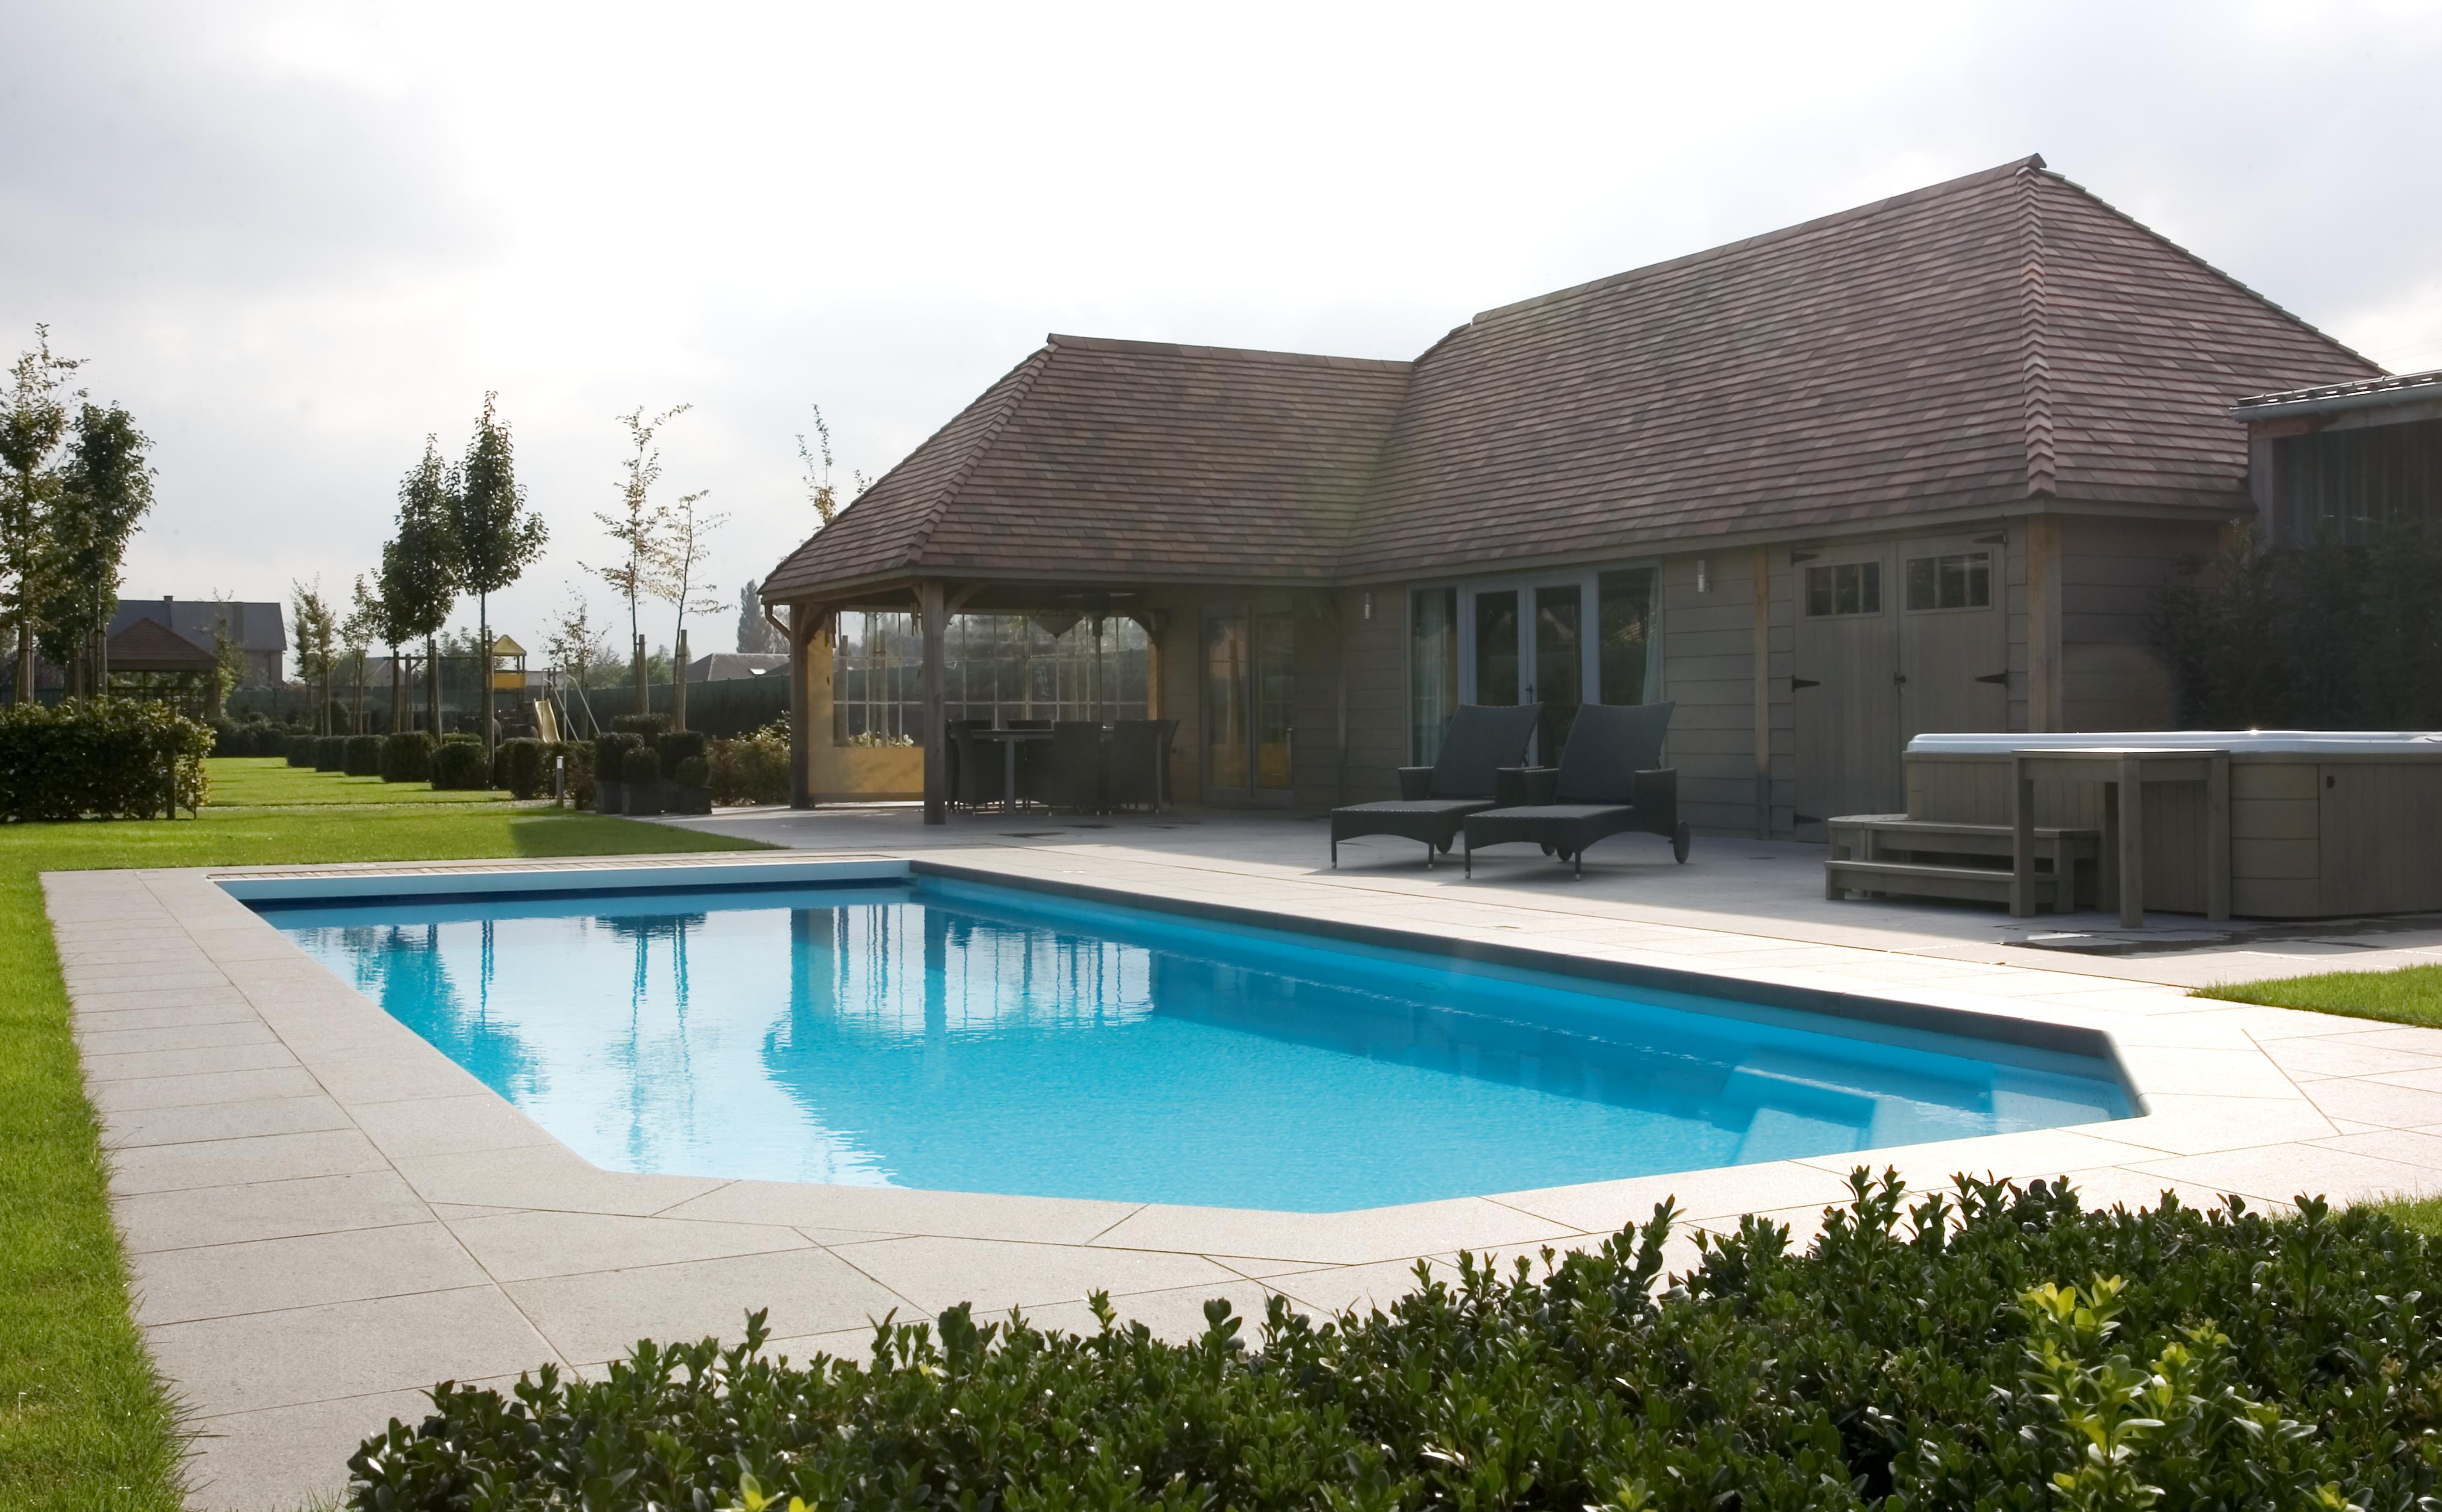 Aquapool een zwembad bouwen zonder zorgen het kan - Ontwikkeling rond het zwembad ...